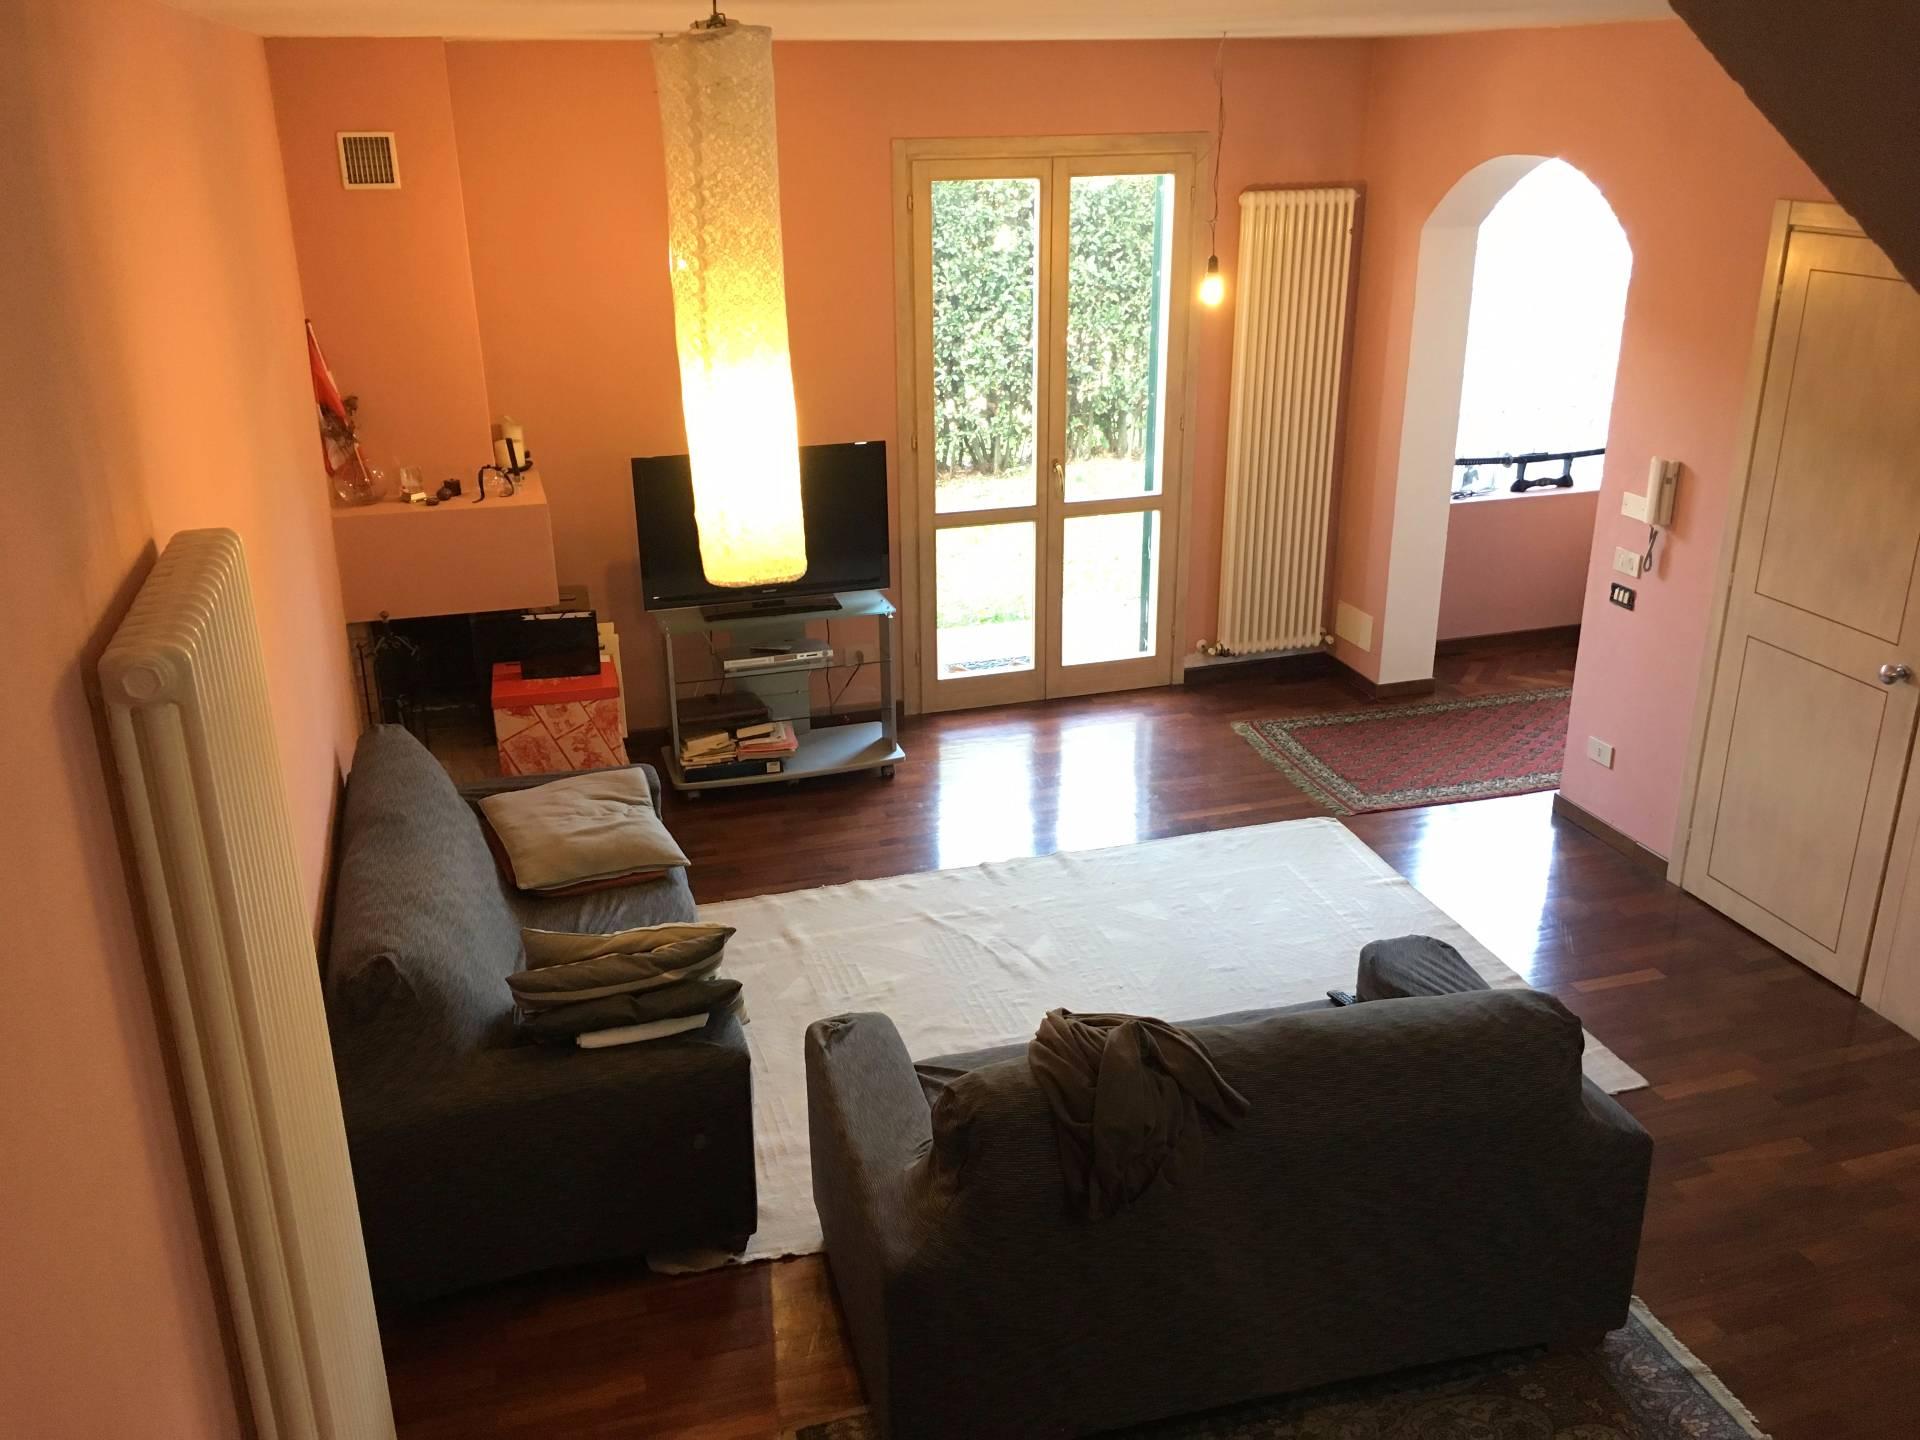 Soluzione Indipendente in vendita a Vicopisano, 3 locali, prezzo € 249.000 | Cambio Casa.it